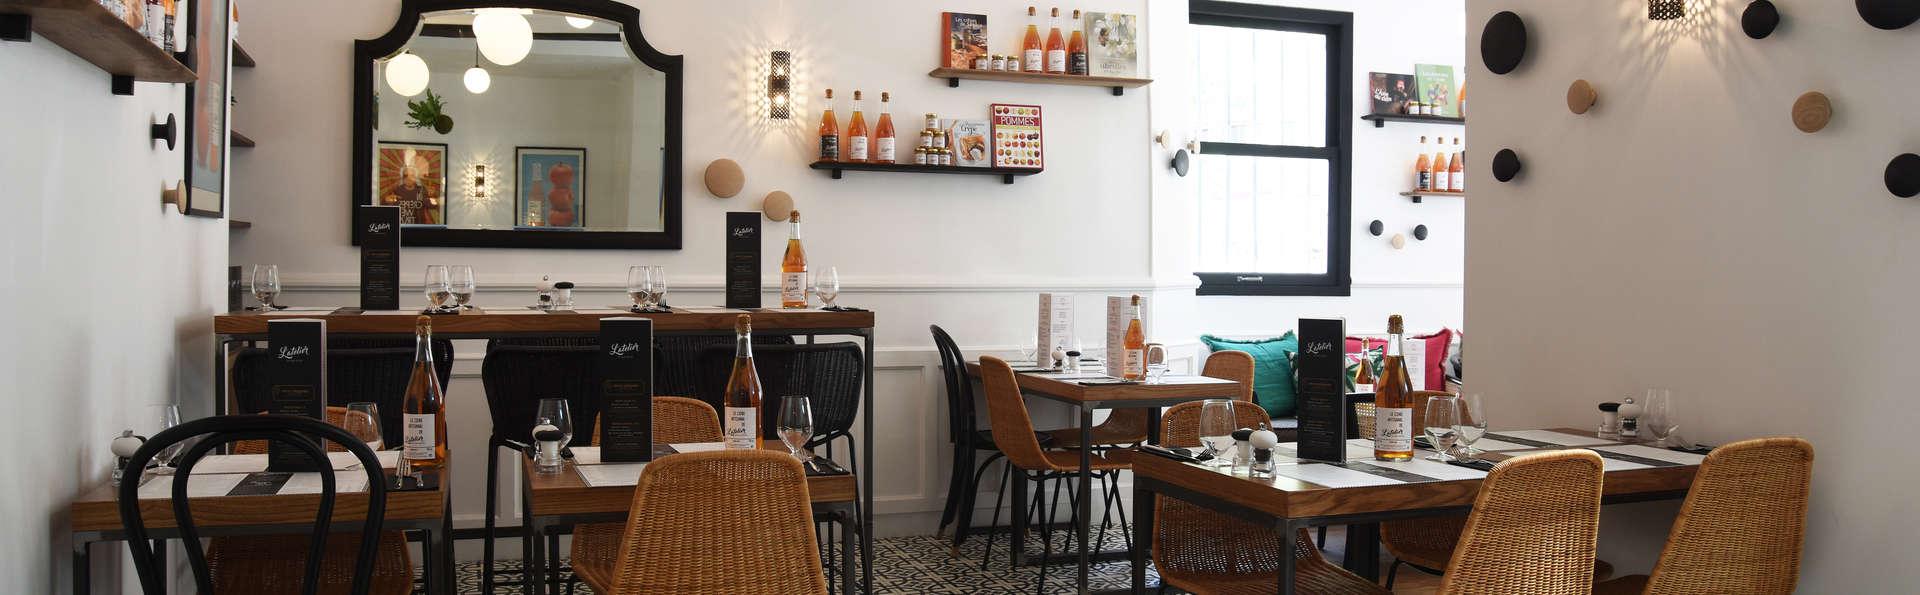 Escapade avec dîner dans une crêperie Parisienne